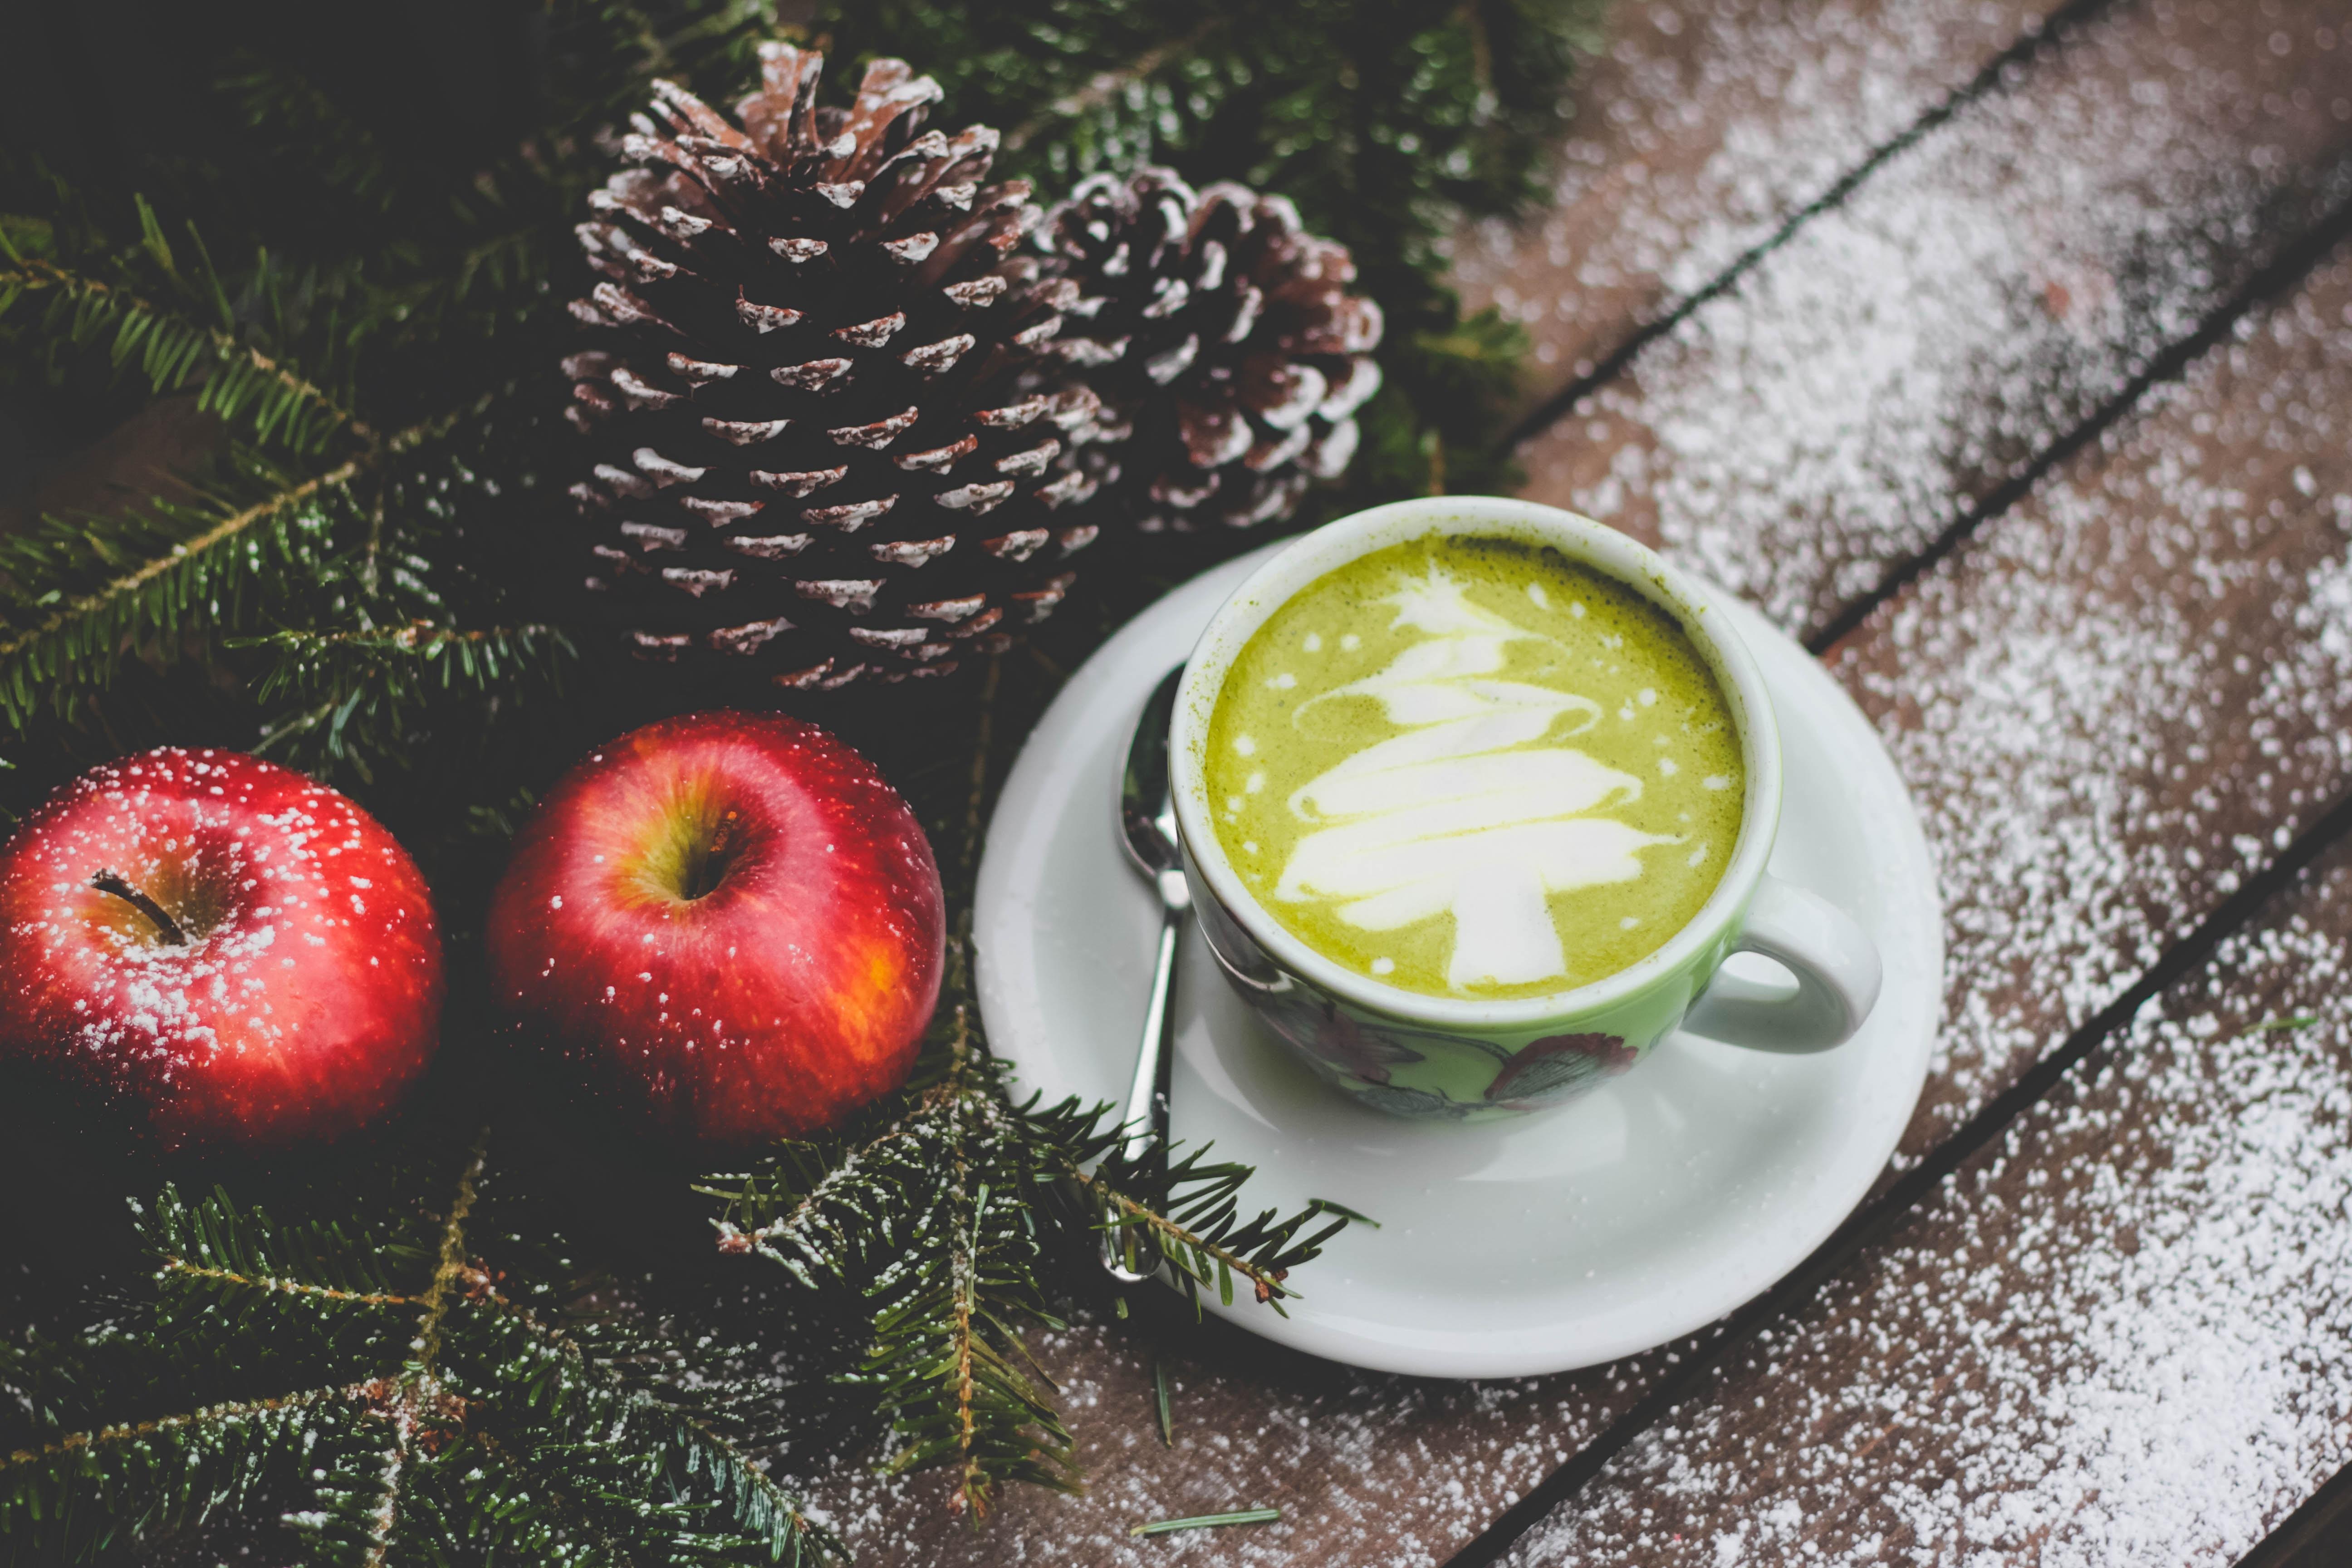 white ceramic mug beside red apples